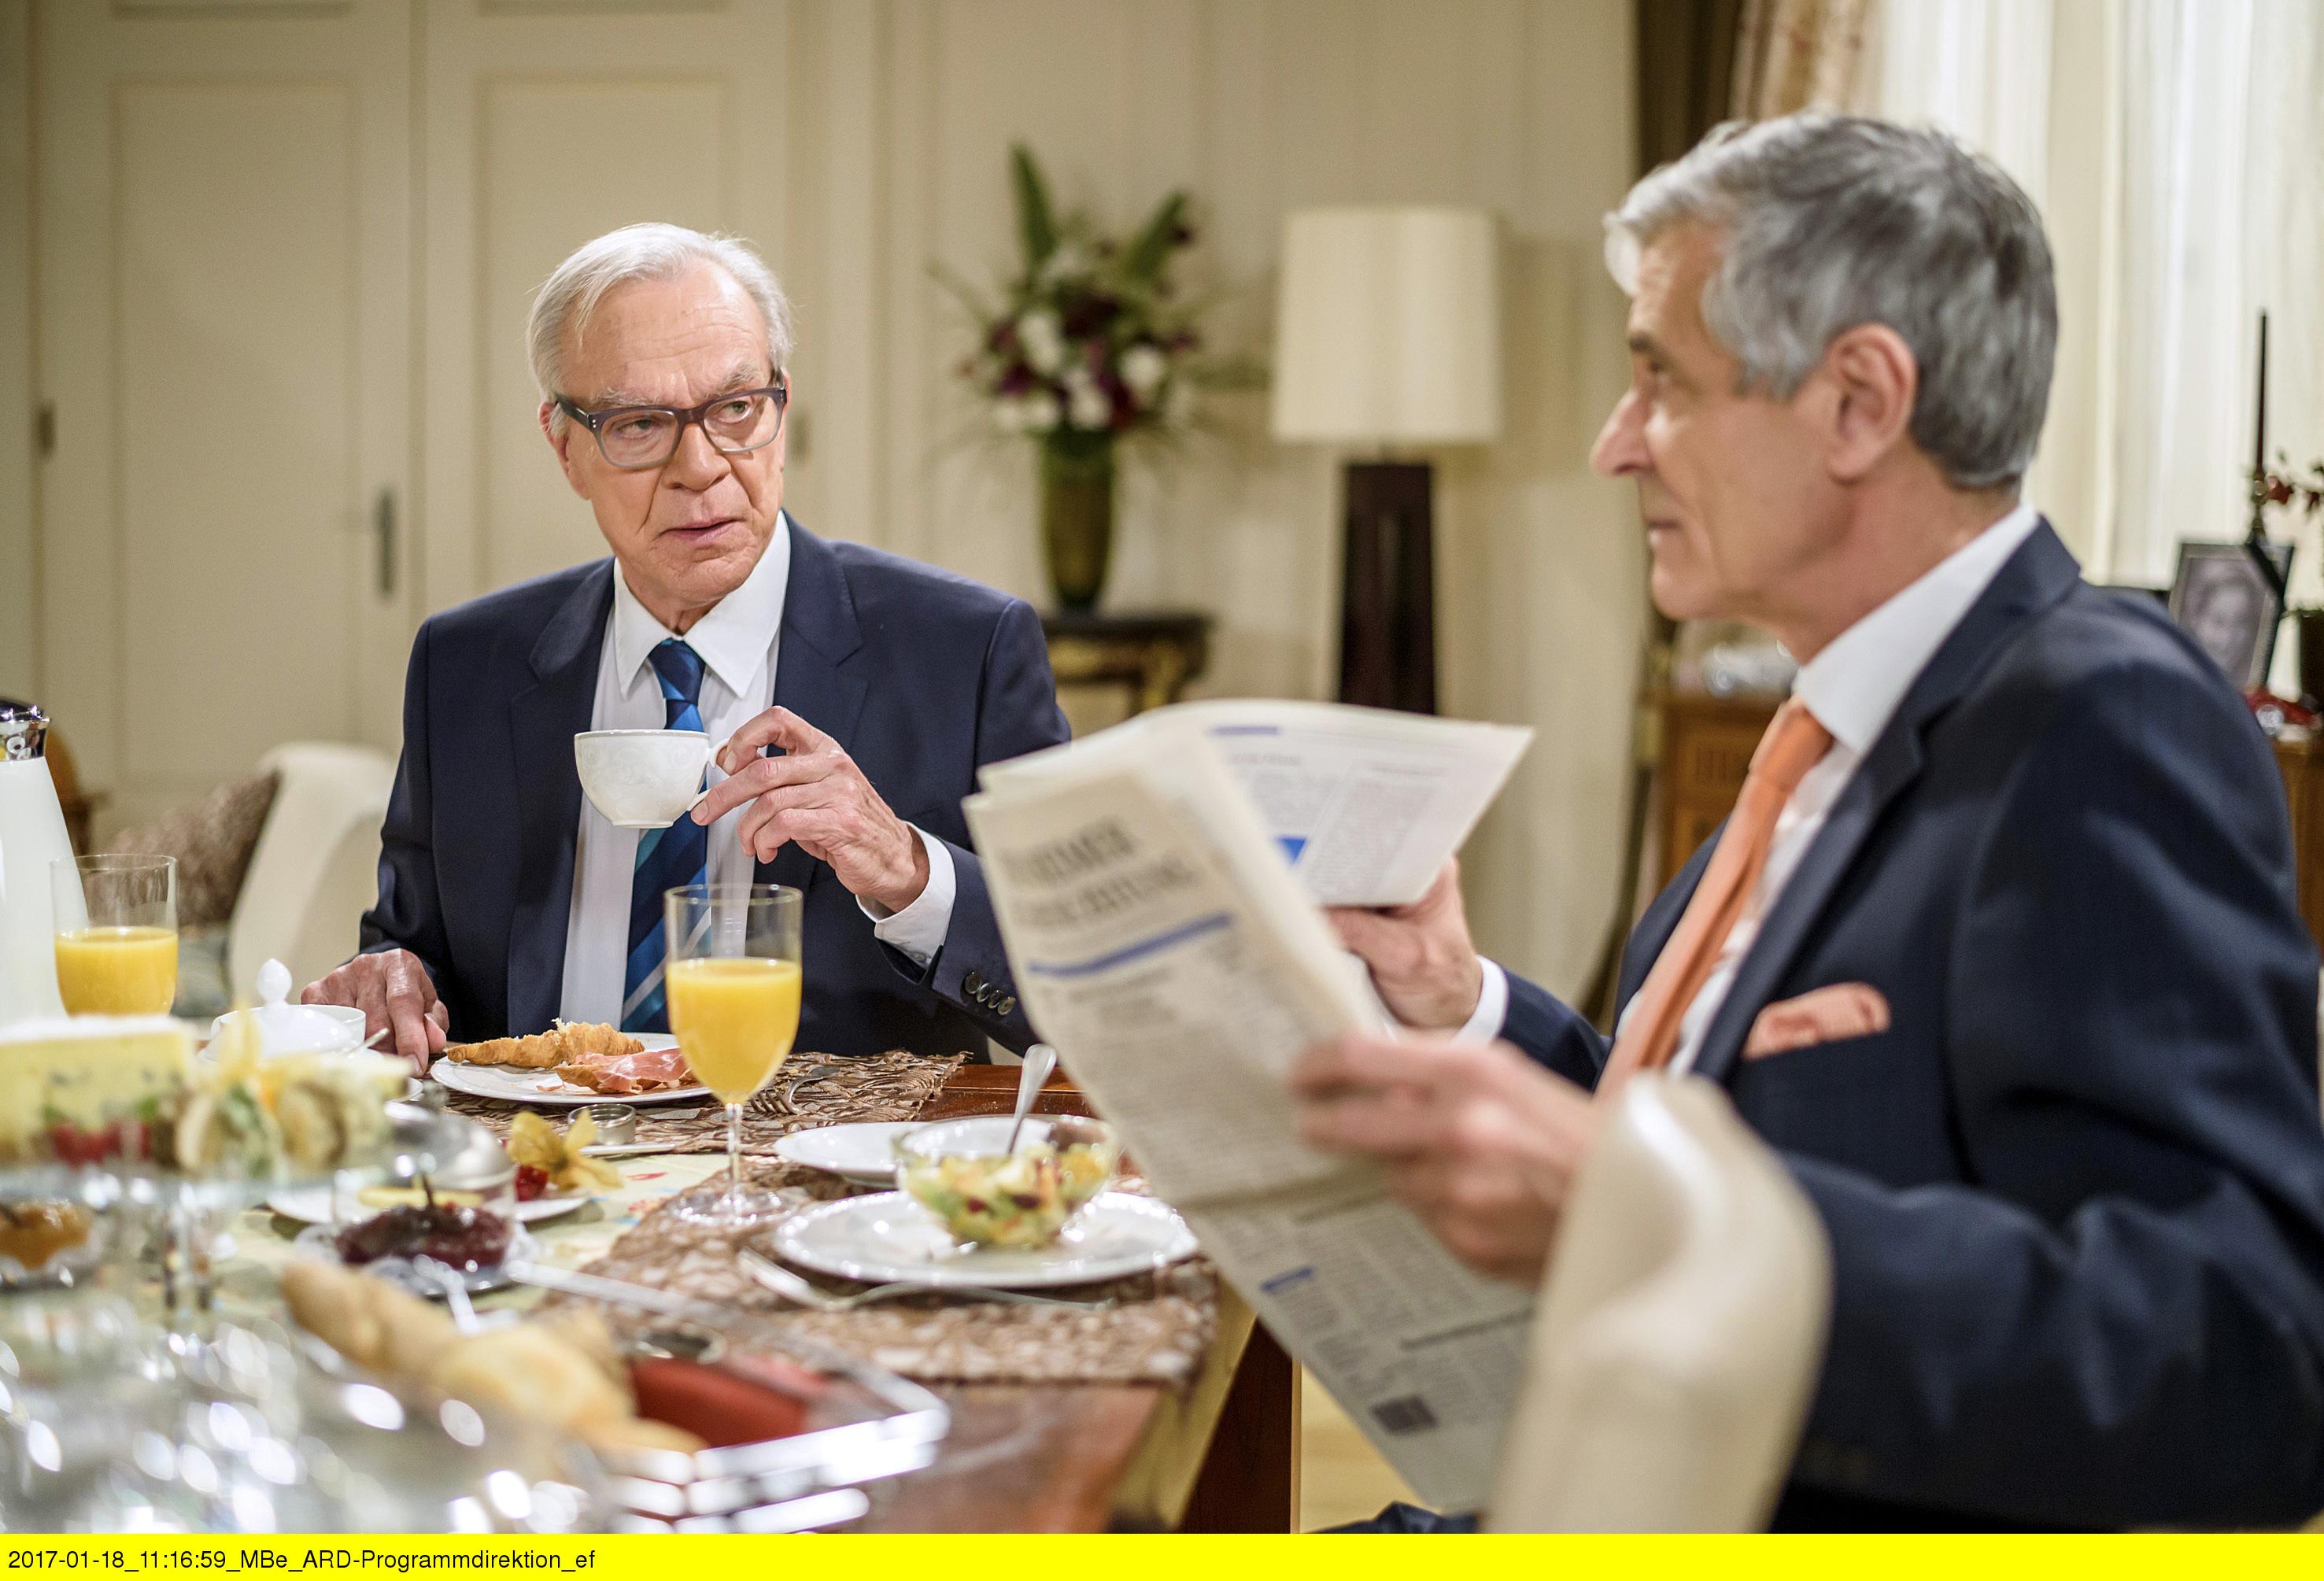 ARD STURM DER LIEBE FOLGE 2640, am Donnerstag (02.03.17) um 15:10 Uhr im ERSTEN. Werner (Dirk Galuba, l.) wartet darauf, dass Friedrich (Dietrich Adam, r.) den Kaffee mit dem Schlafmittel trinkt. (Quelle: ARD/Christof Arnold)